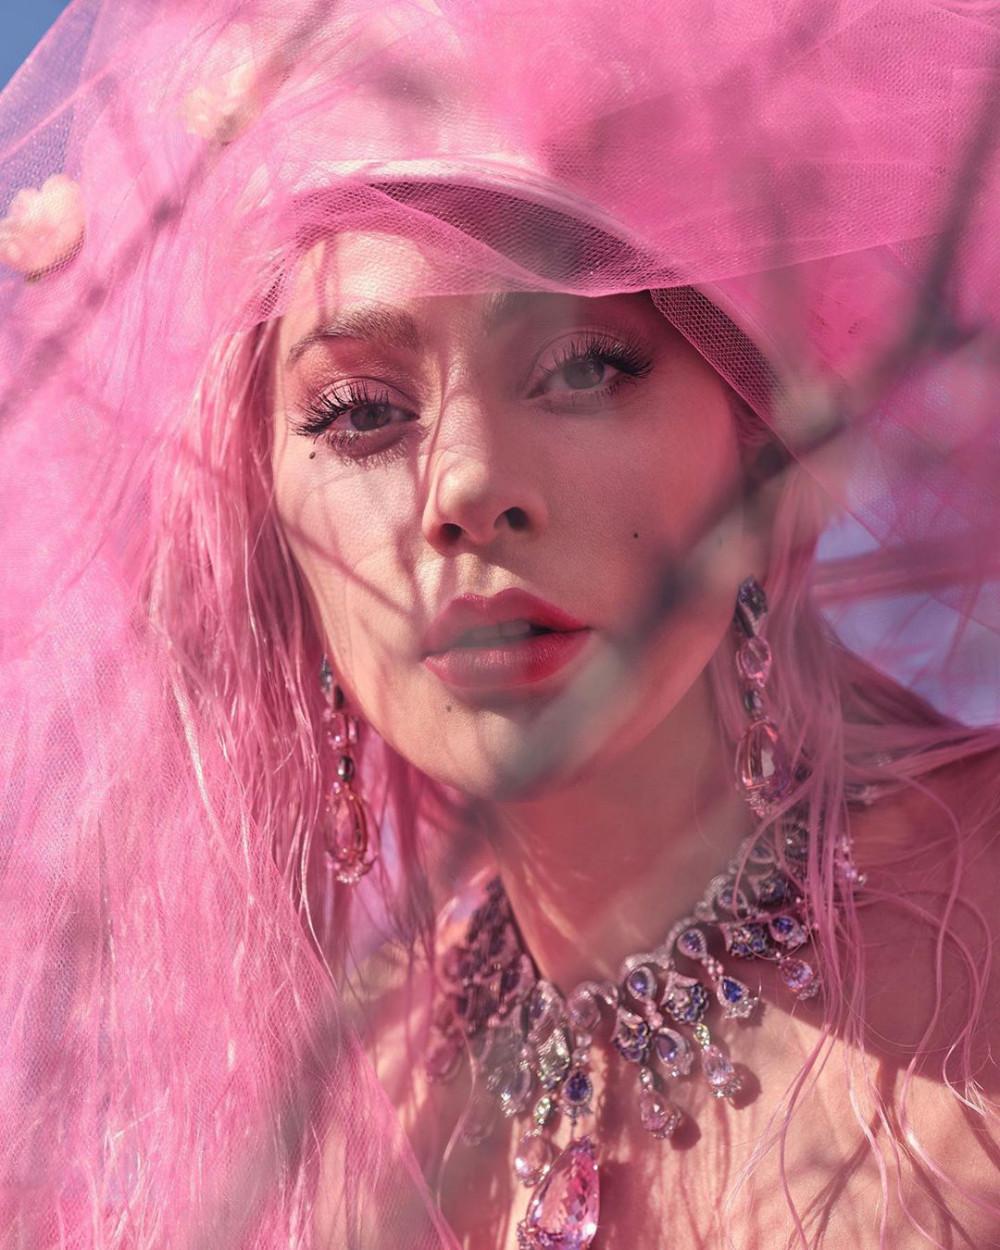 Một trong những hình ảnh xinh đẹp của Lady Gaga được thực hiện để giới thiệu sản phẩm âm nhạc.